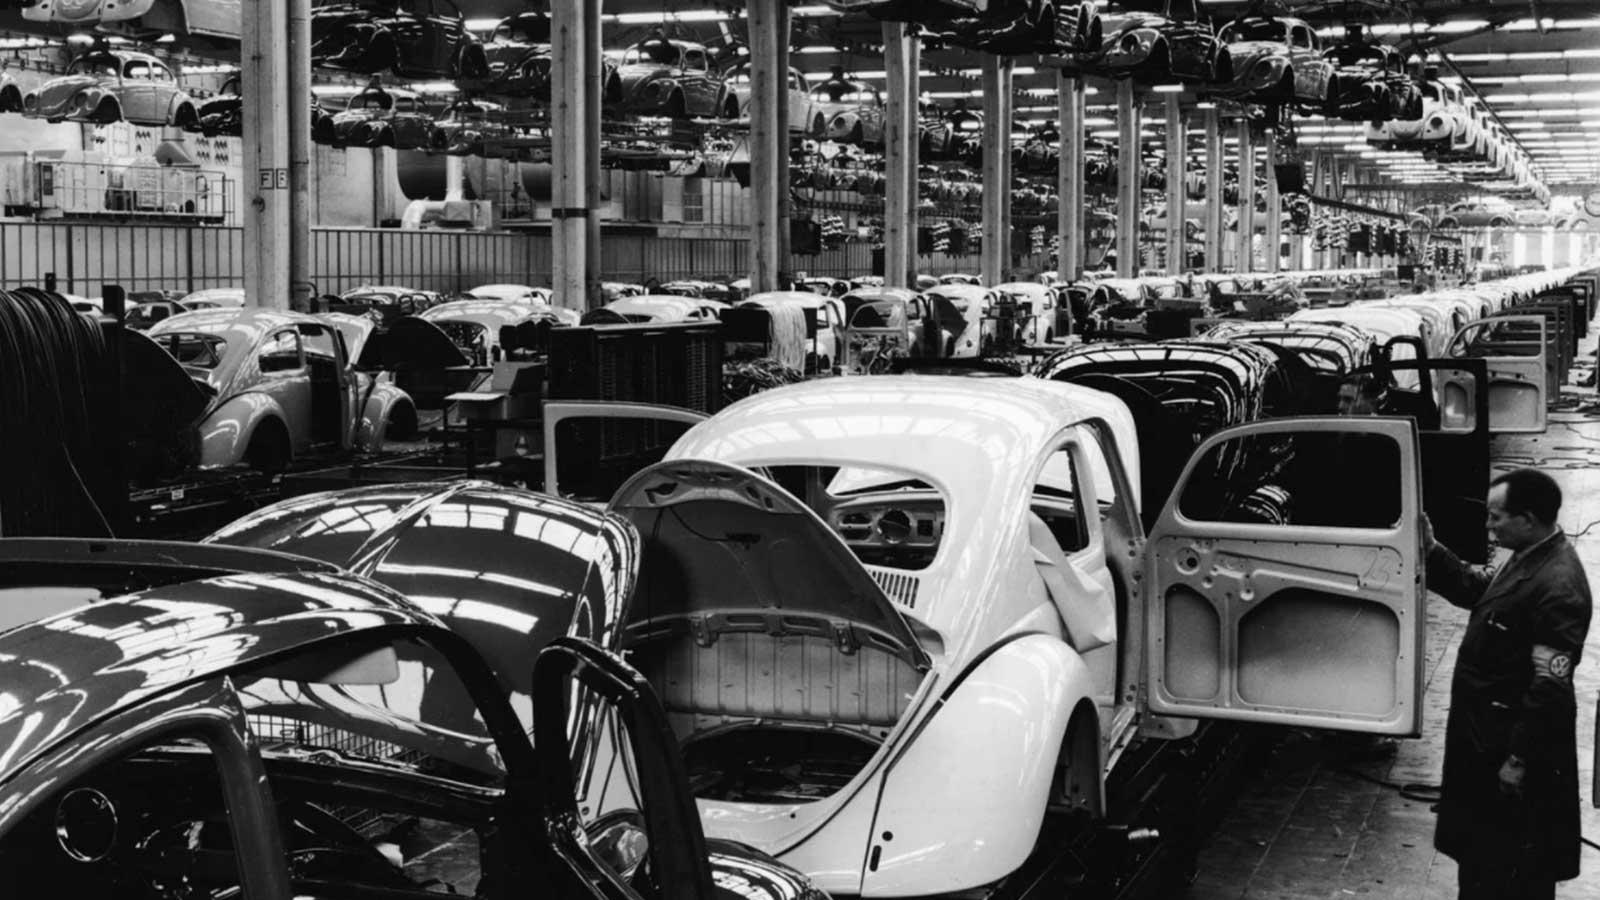 Volkswagen factory in West Germany, in the 1960s